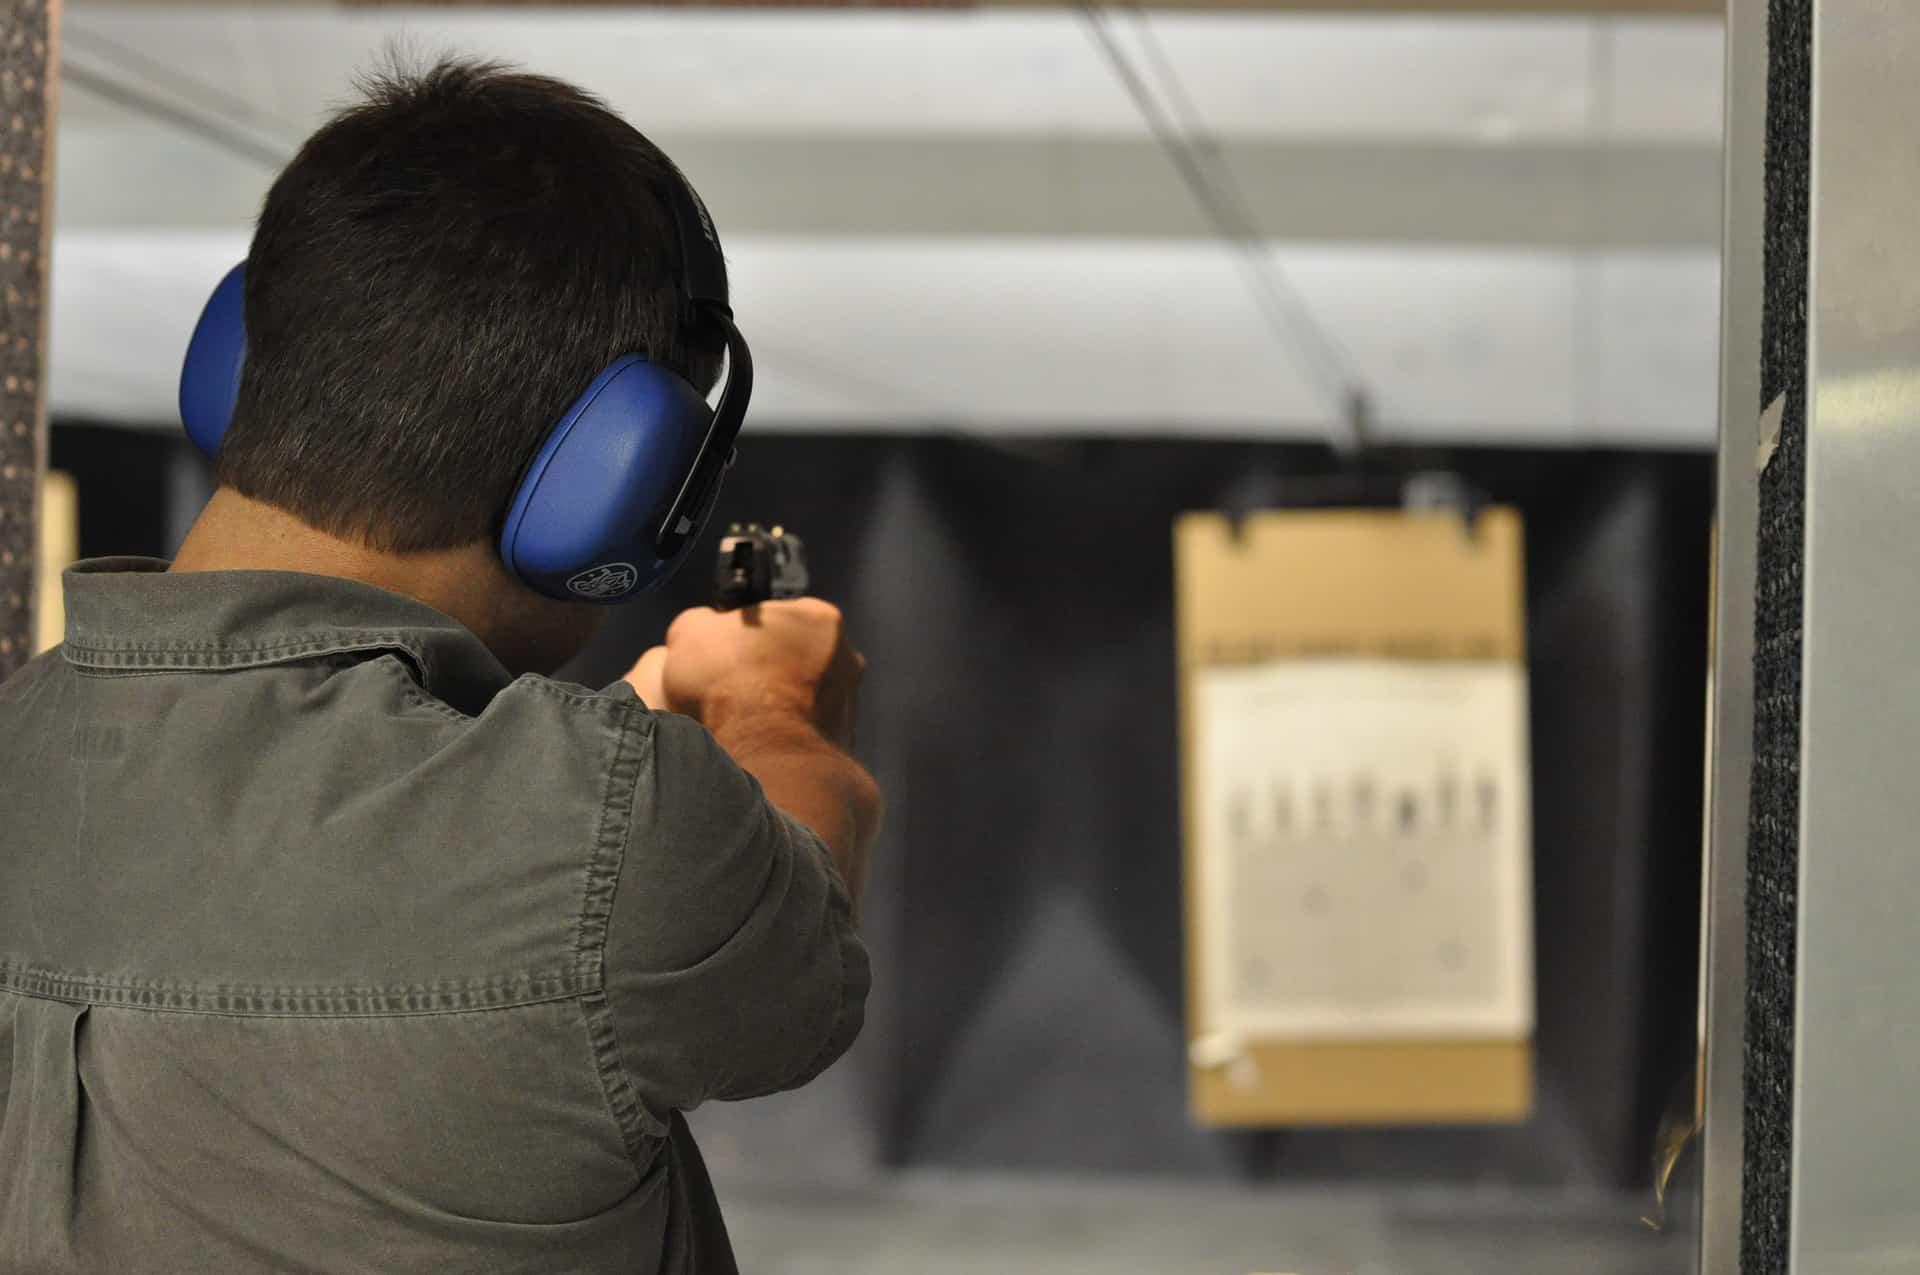 Strengere Regeln zur Aufbewahrung von Waffen und Munition für Neubesitzer